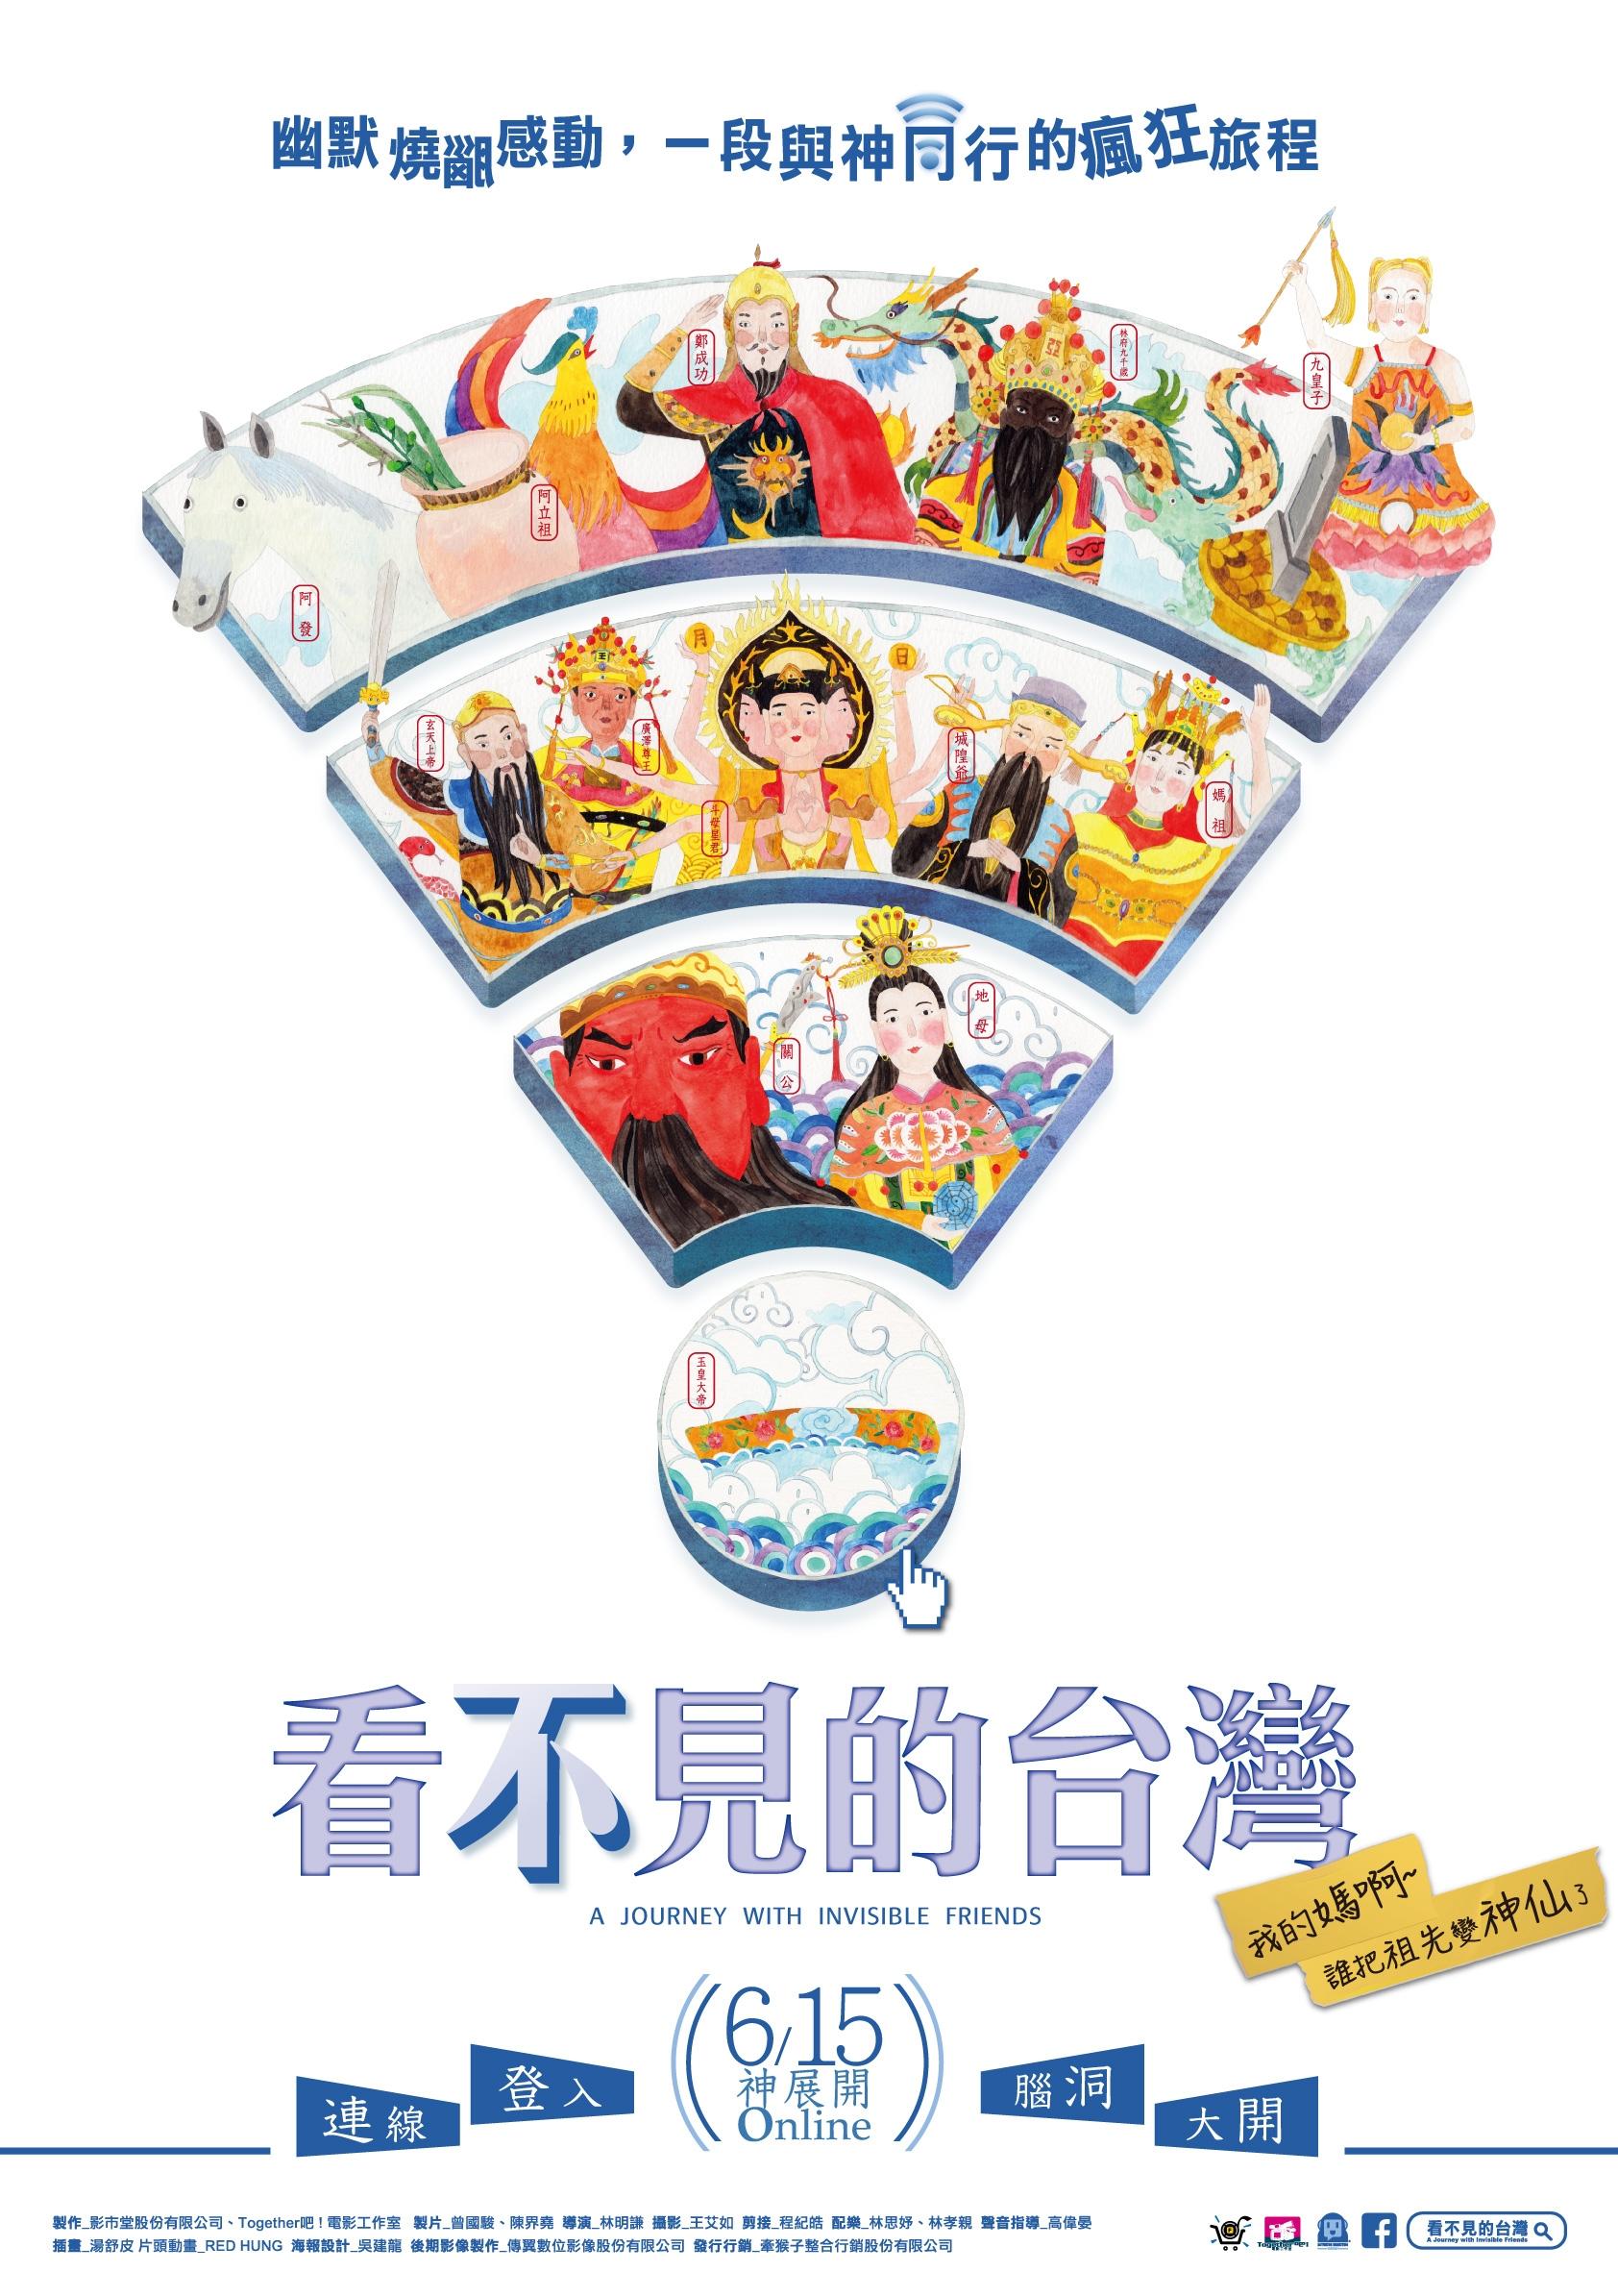 《看不見的台灣》一路紀錄「與神同行」的互動。從海報裡可以看到,鄭成功依然穿著傳統戰袍,但形象顯得可愛親民,還以手勢致意。 <br>圖片來源│影市堂提供